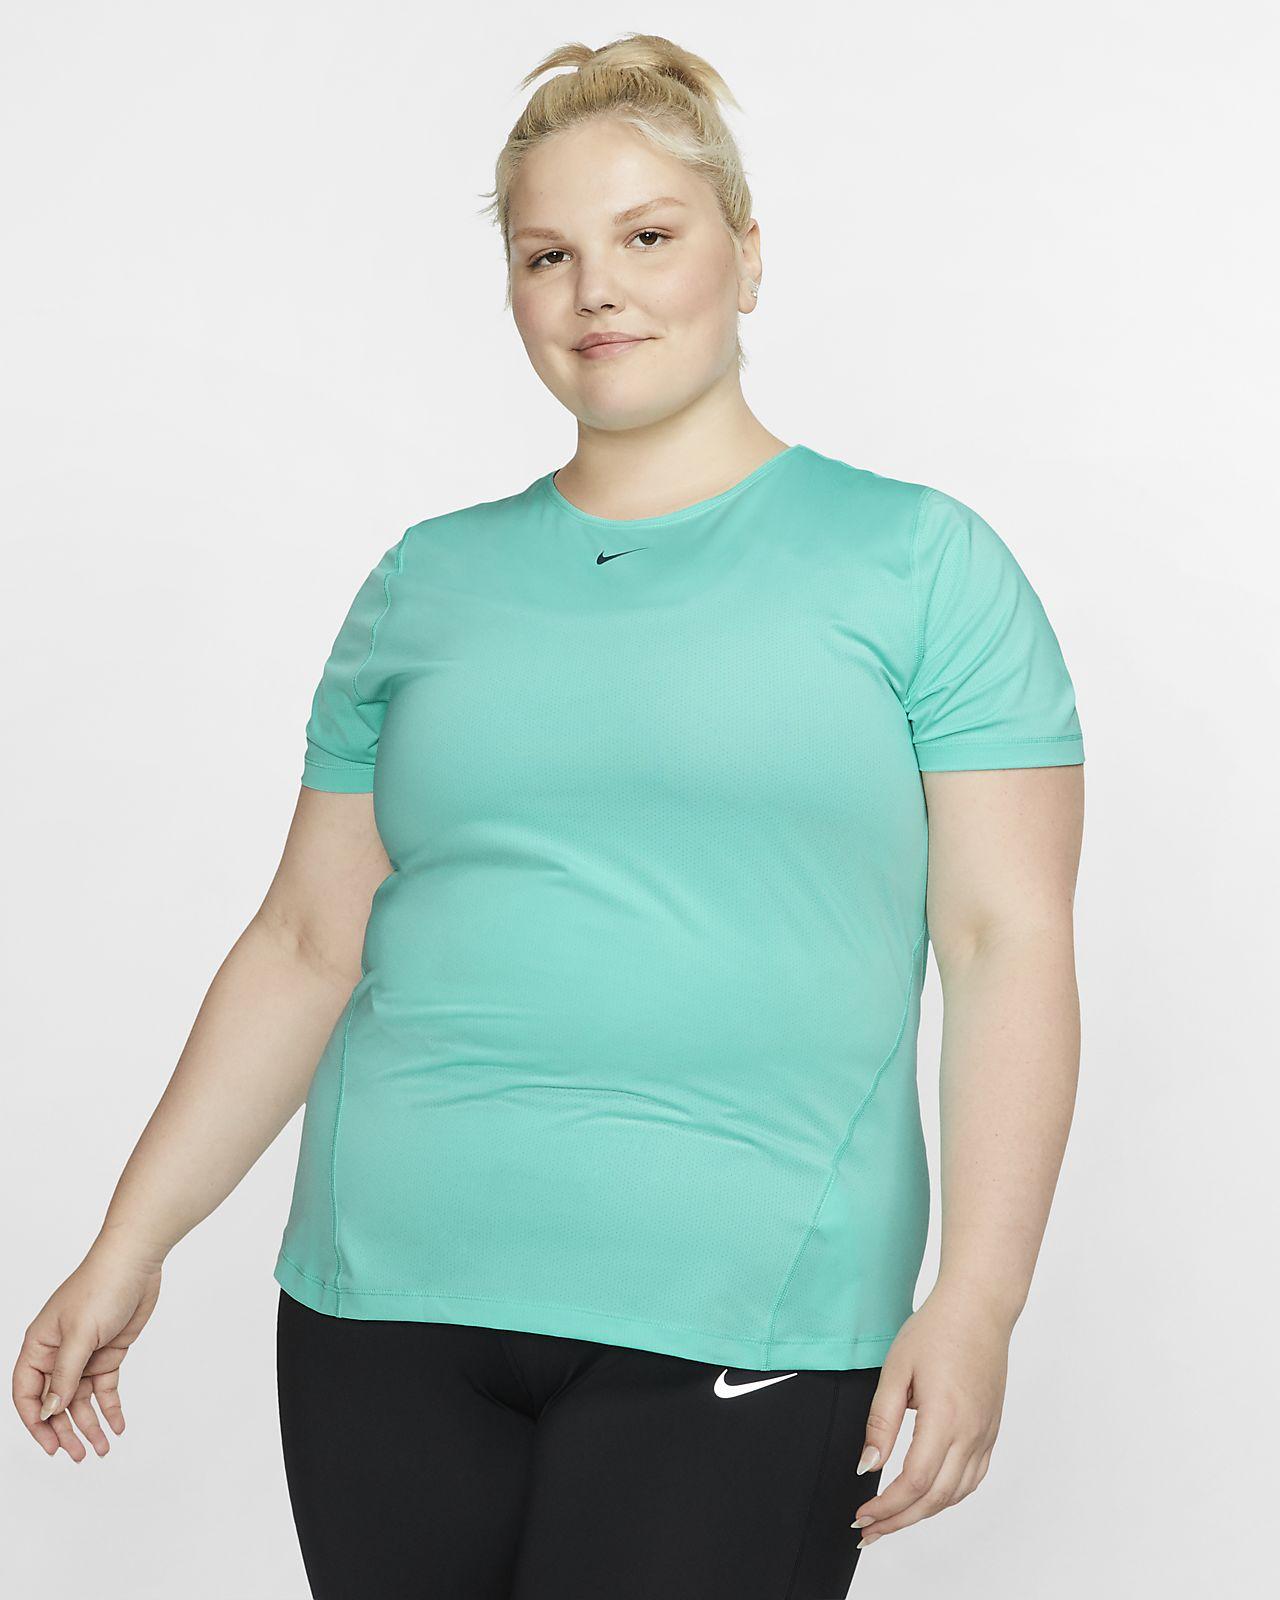 Dámský síťovinový top Nike Pro (větší velikost)